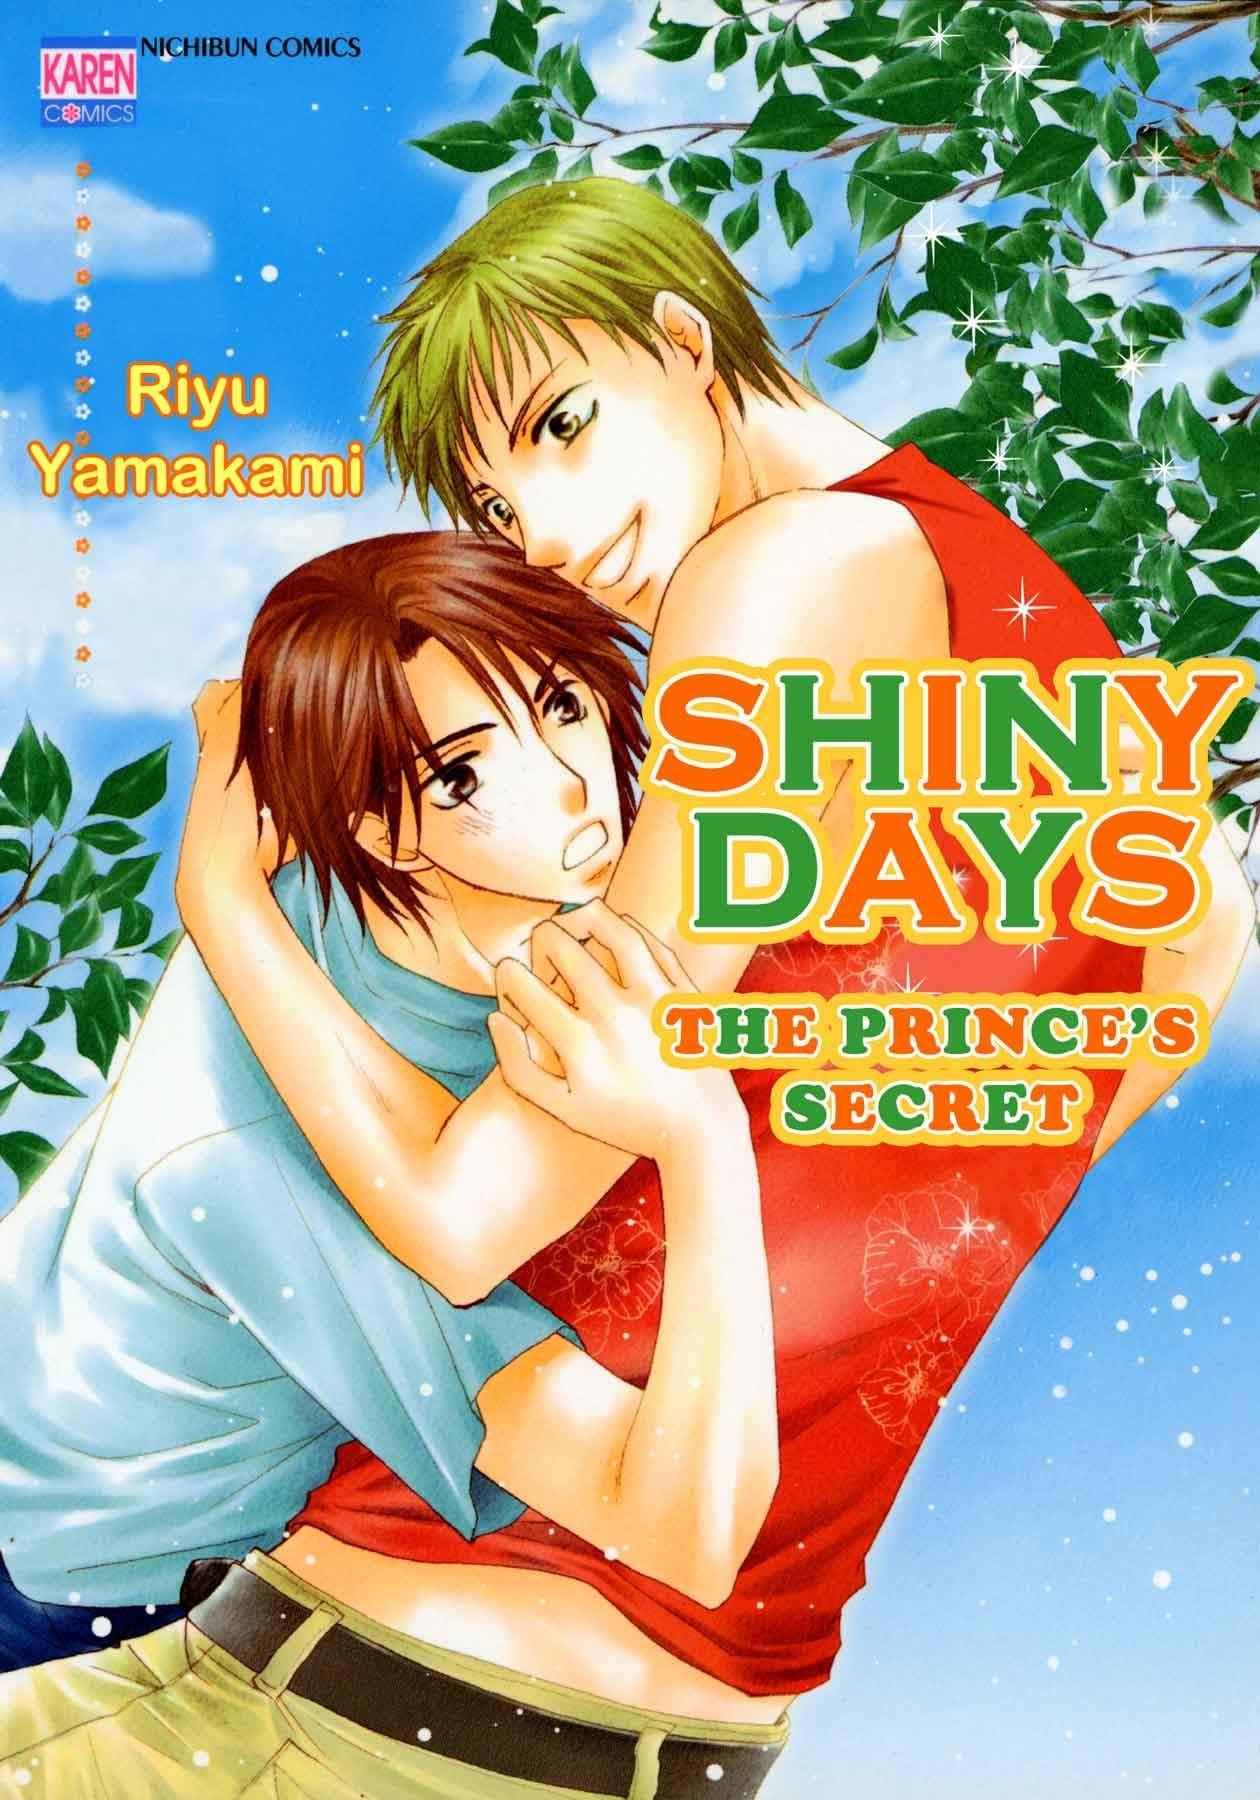 SHINYDAYS #7